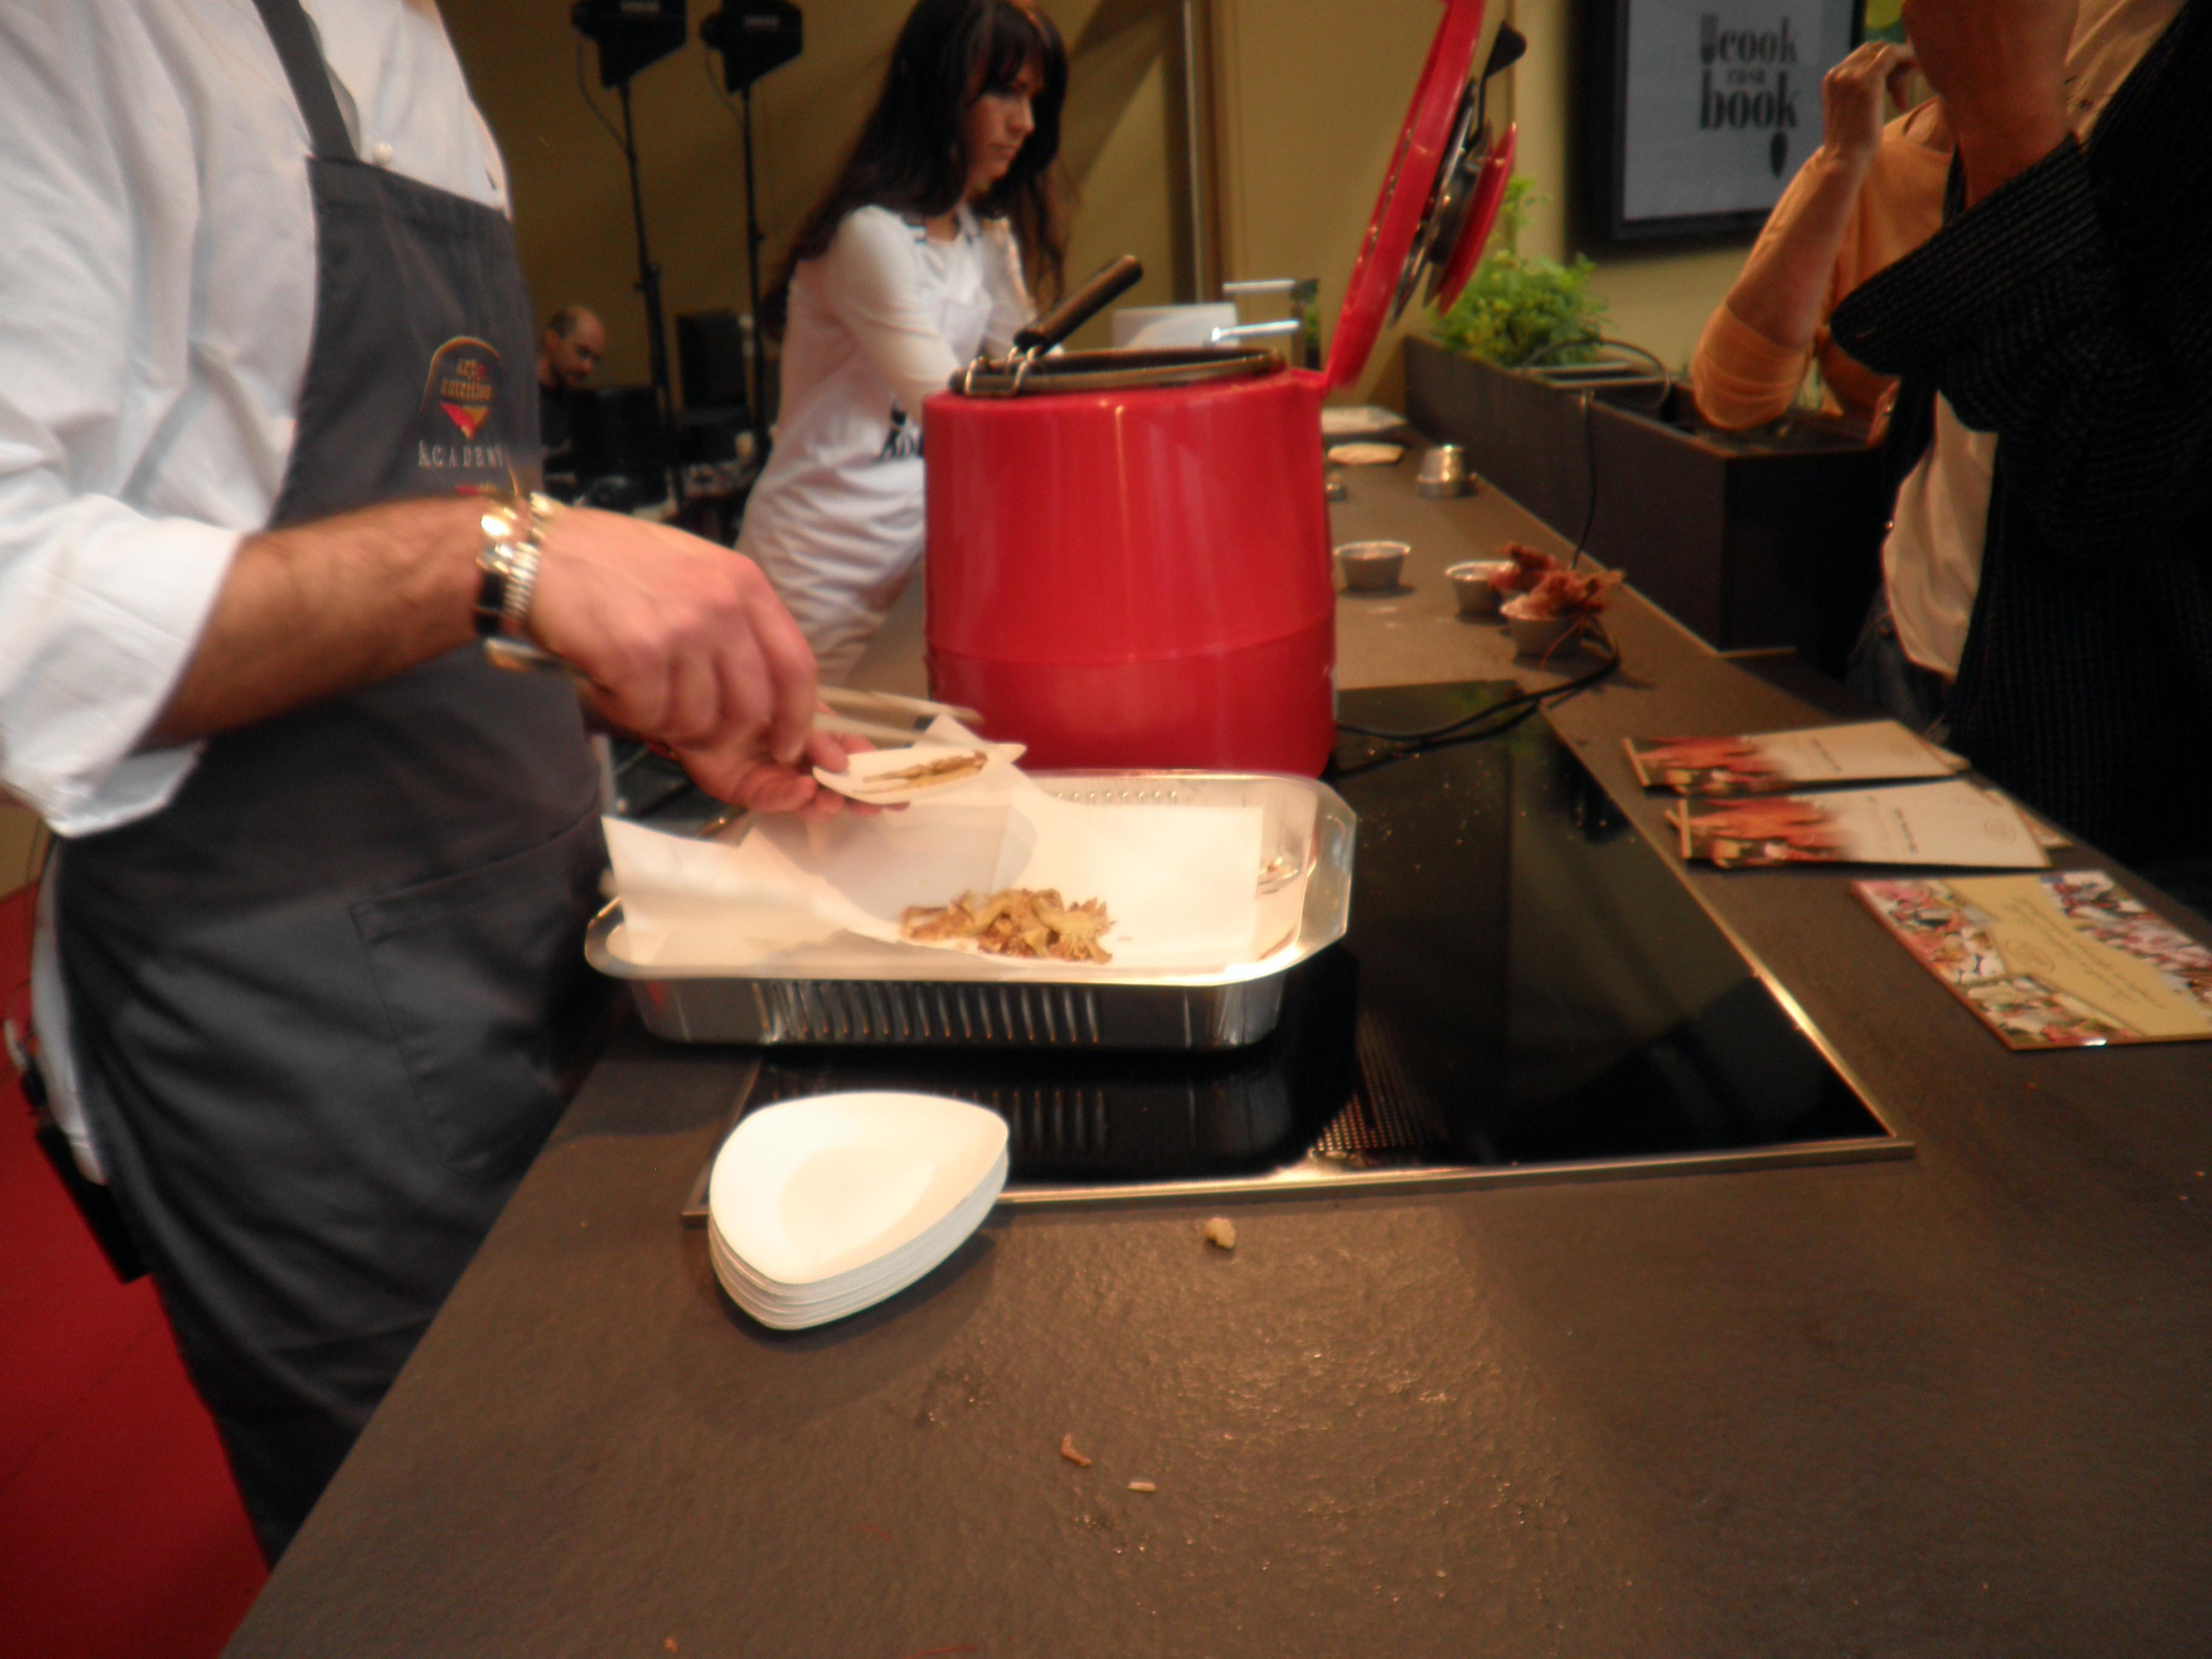 A casa cookbook cucina evolution con chiara manzi gli - Cucina evolution ricette ...